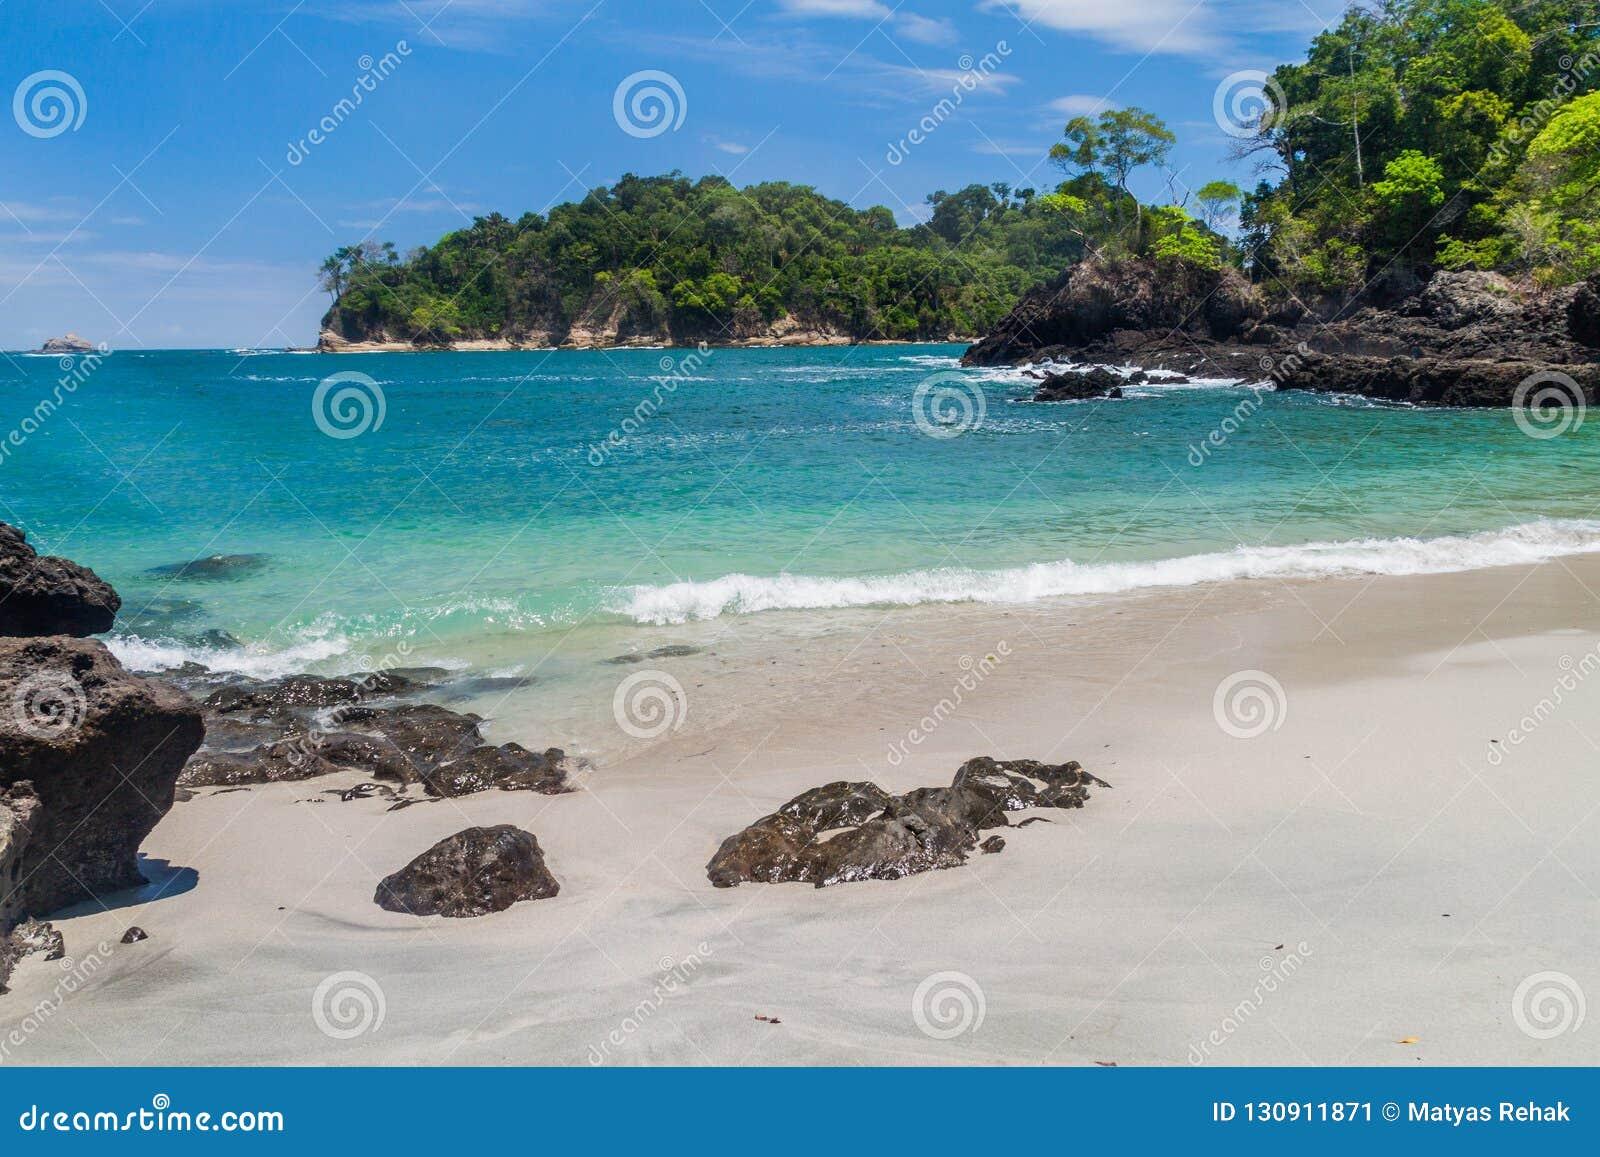 Beach in National Park Manuel Antonio, Costa Ri